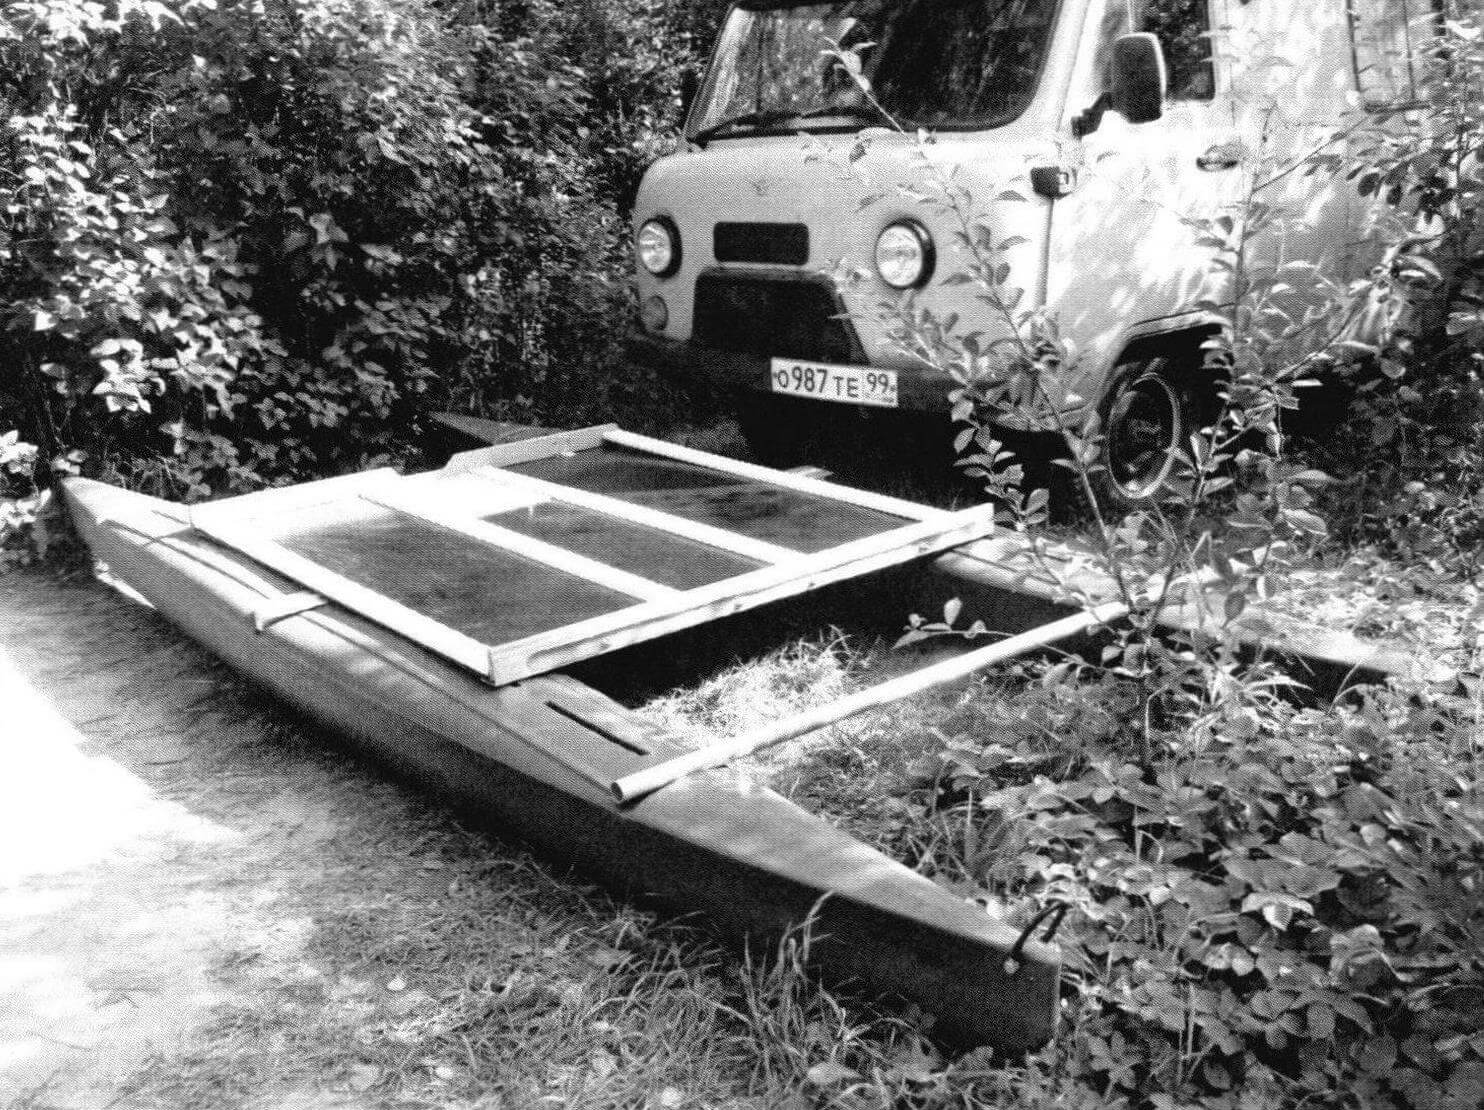 Начало сборки катамарана. Первая «примерка» поплавков и мостика